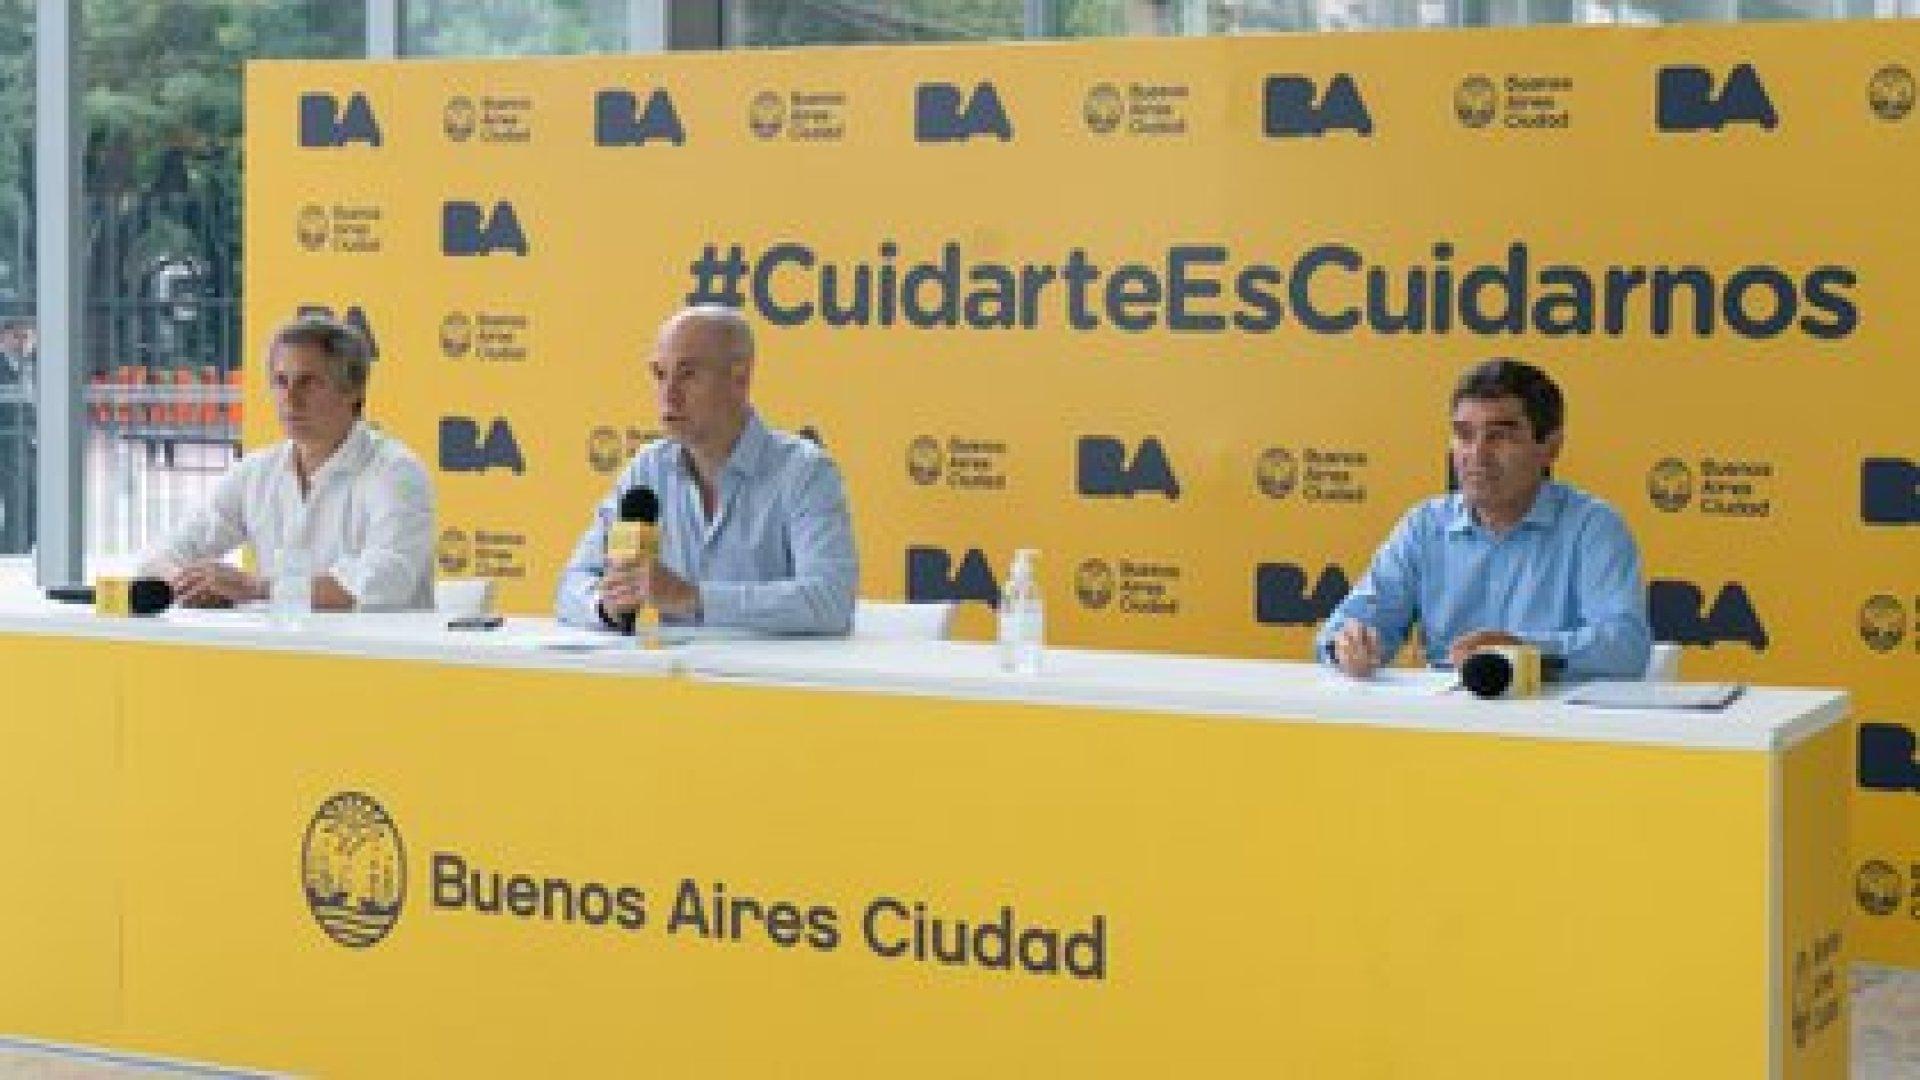 El gobierno de la Ciudad de Buenos Aires anunció que buscarán la adquirir vacunas en forma autónoma